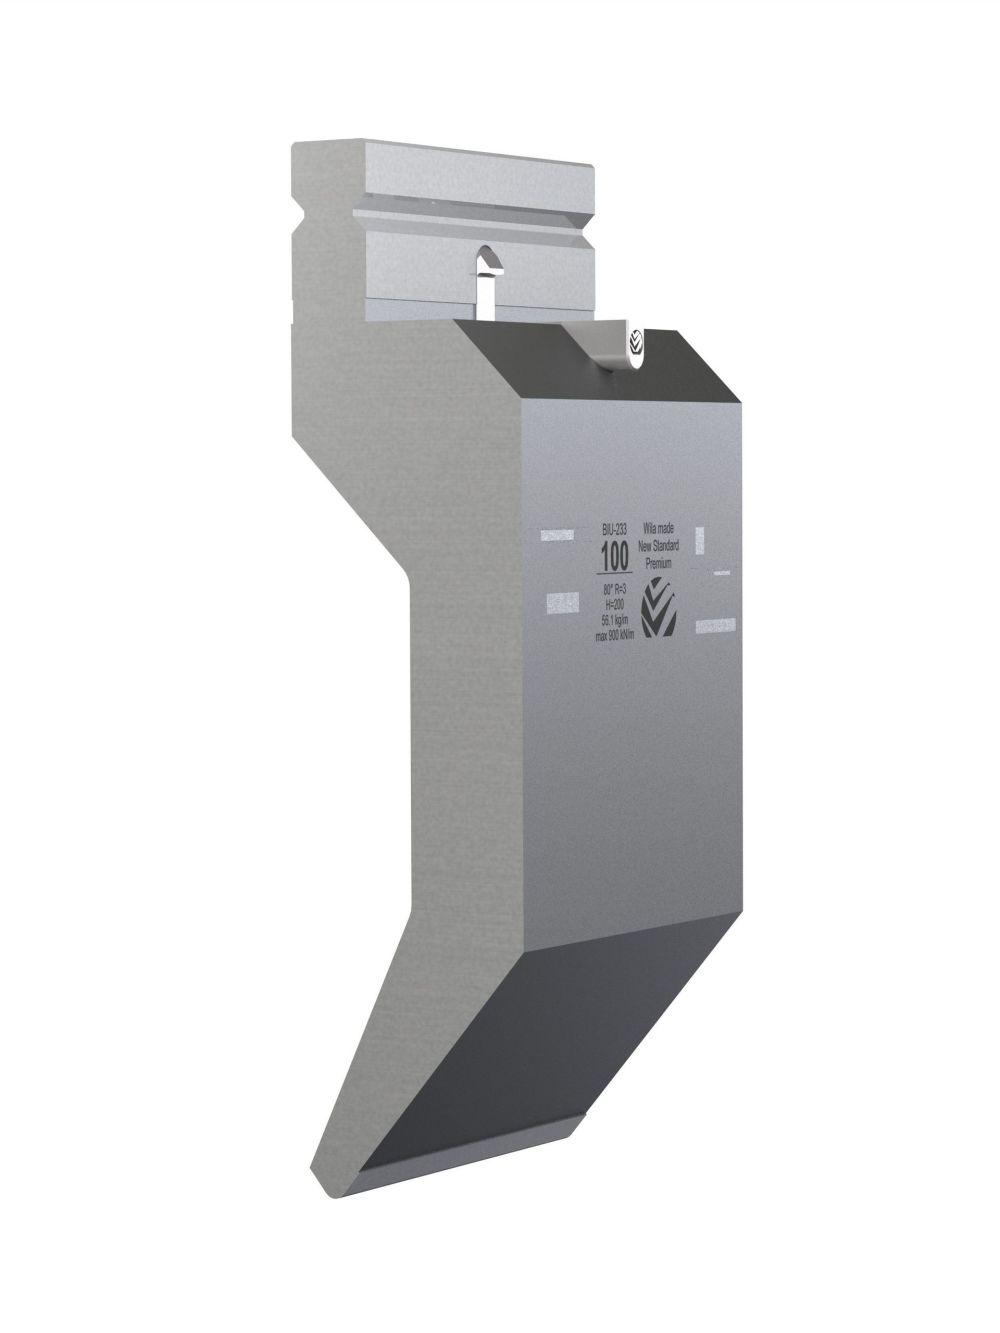 WILA BIU-233/1 New Standard Premium Top Tool H=200mm, a=80°, R=3mm, max.load: 90ton/m 515mm OPEN BOX, NEW